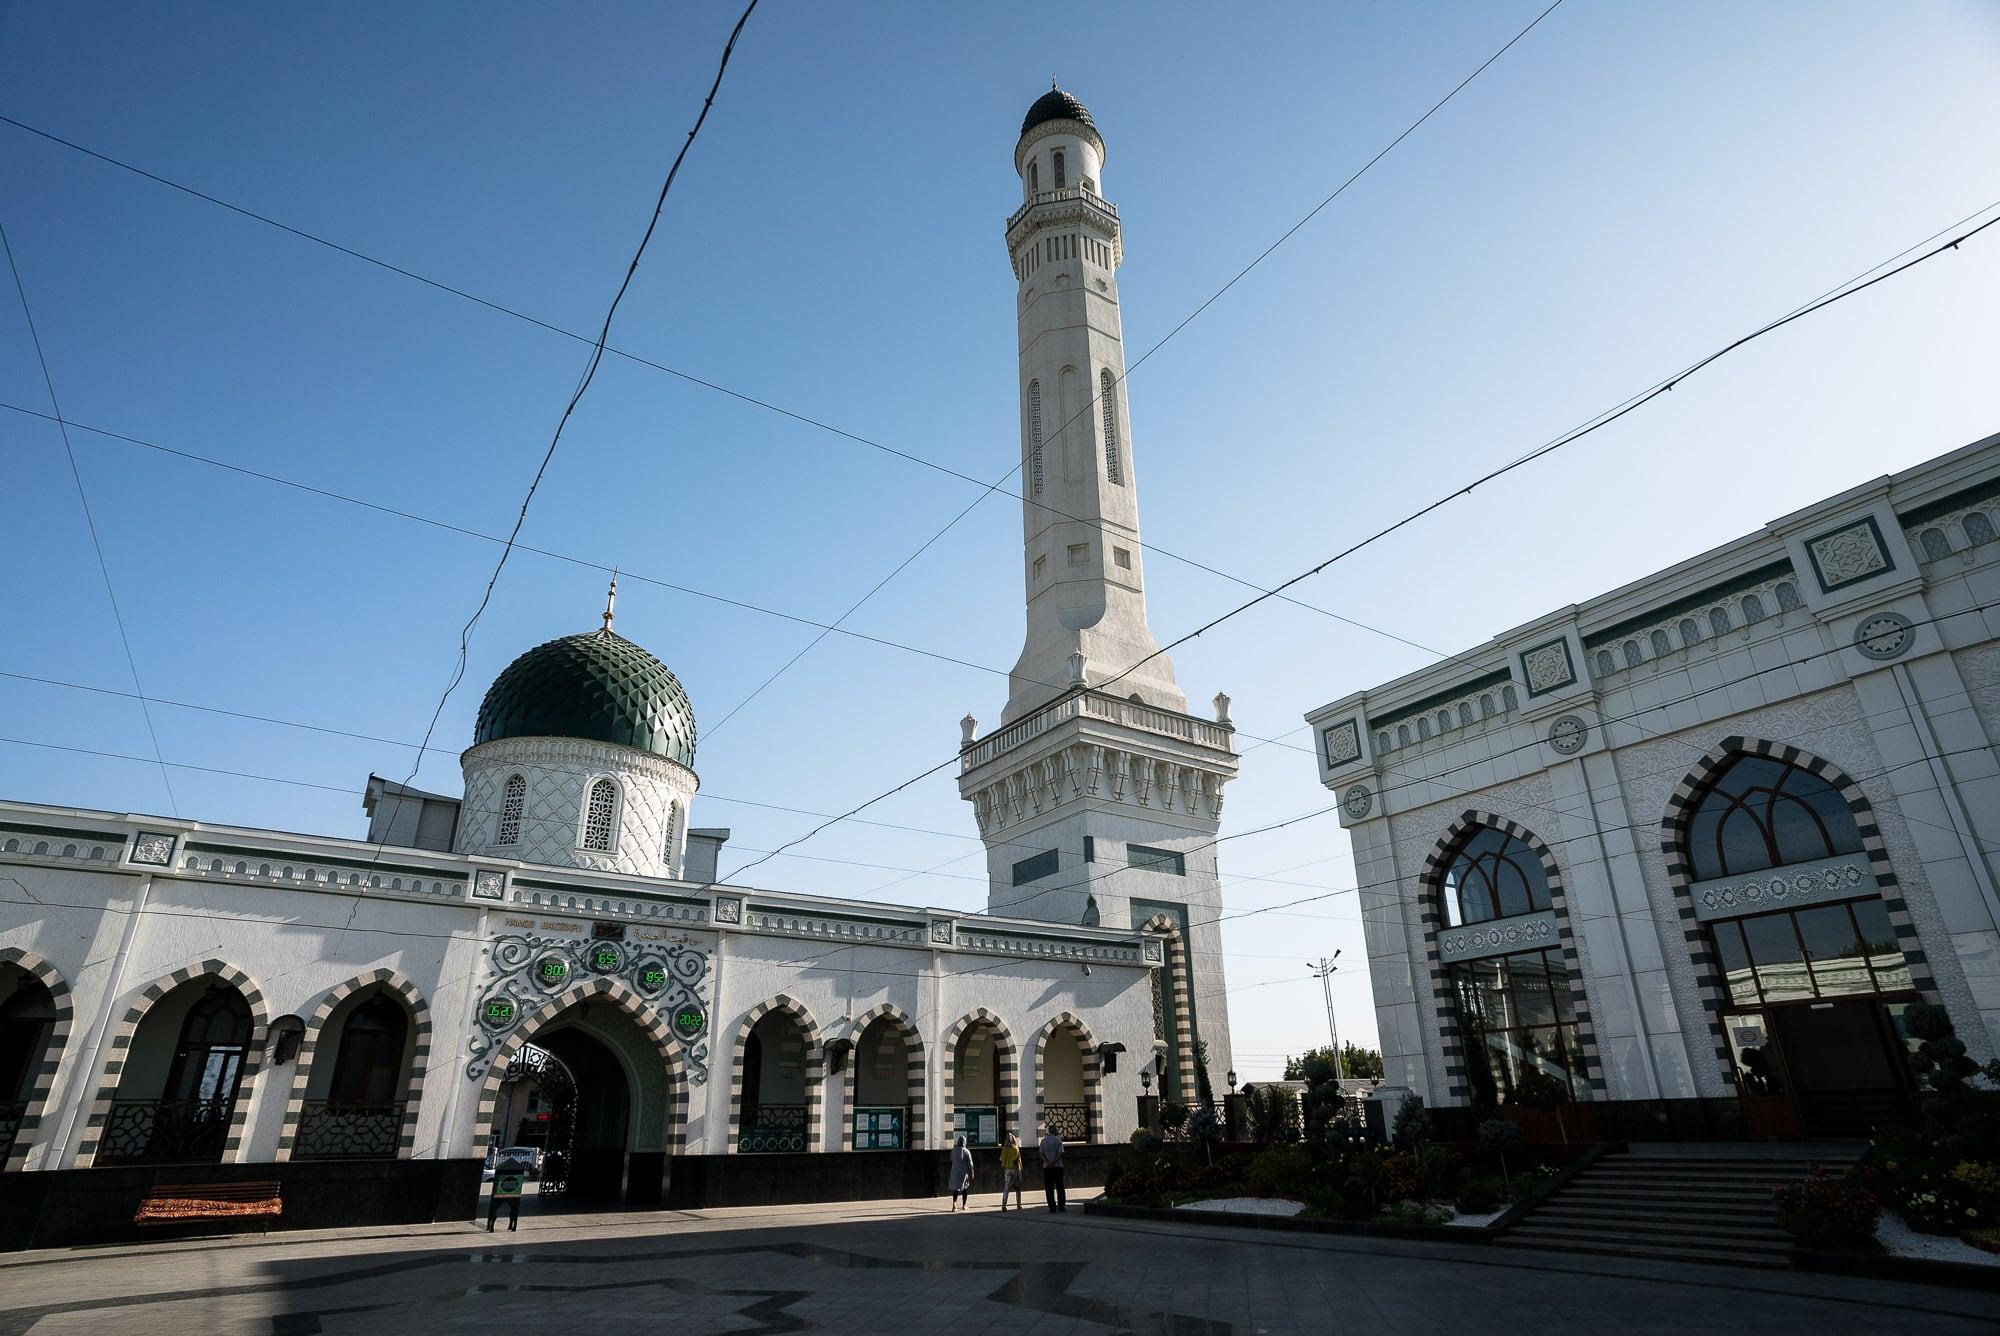 Kukcha Mosque